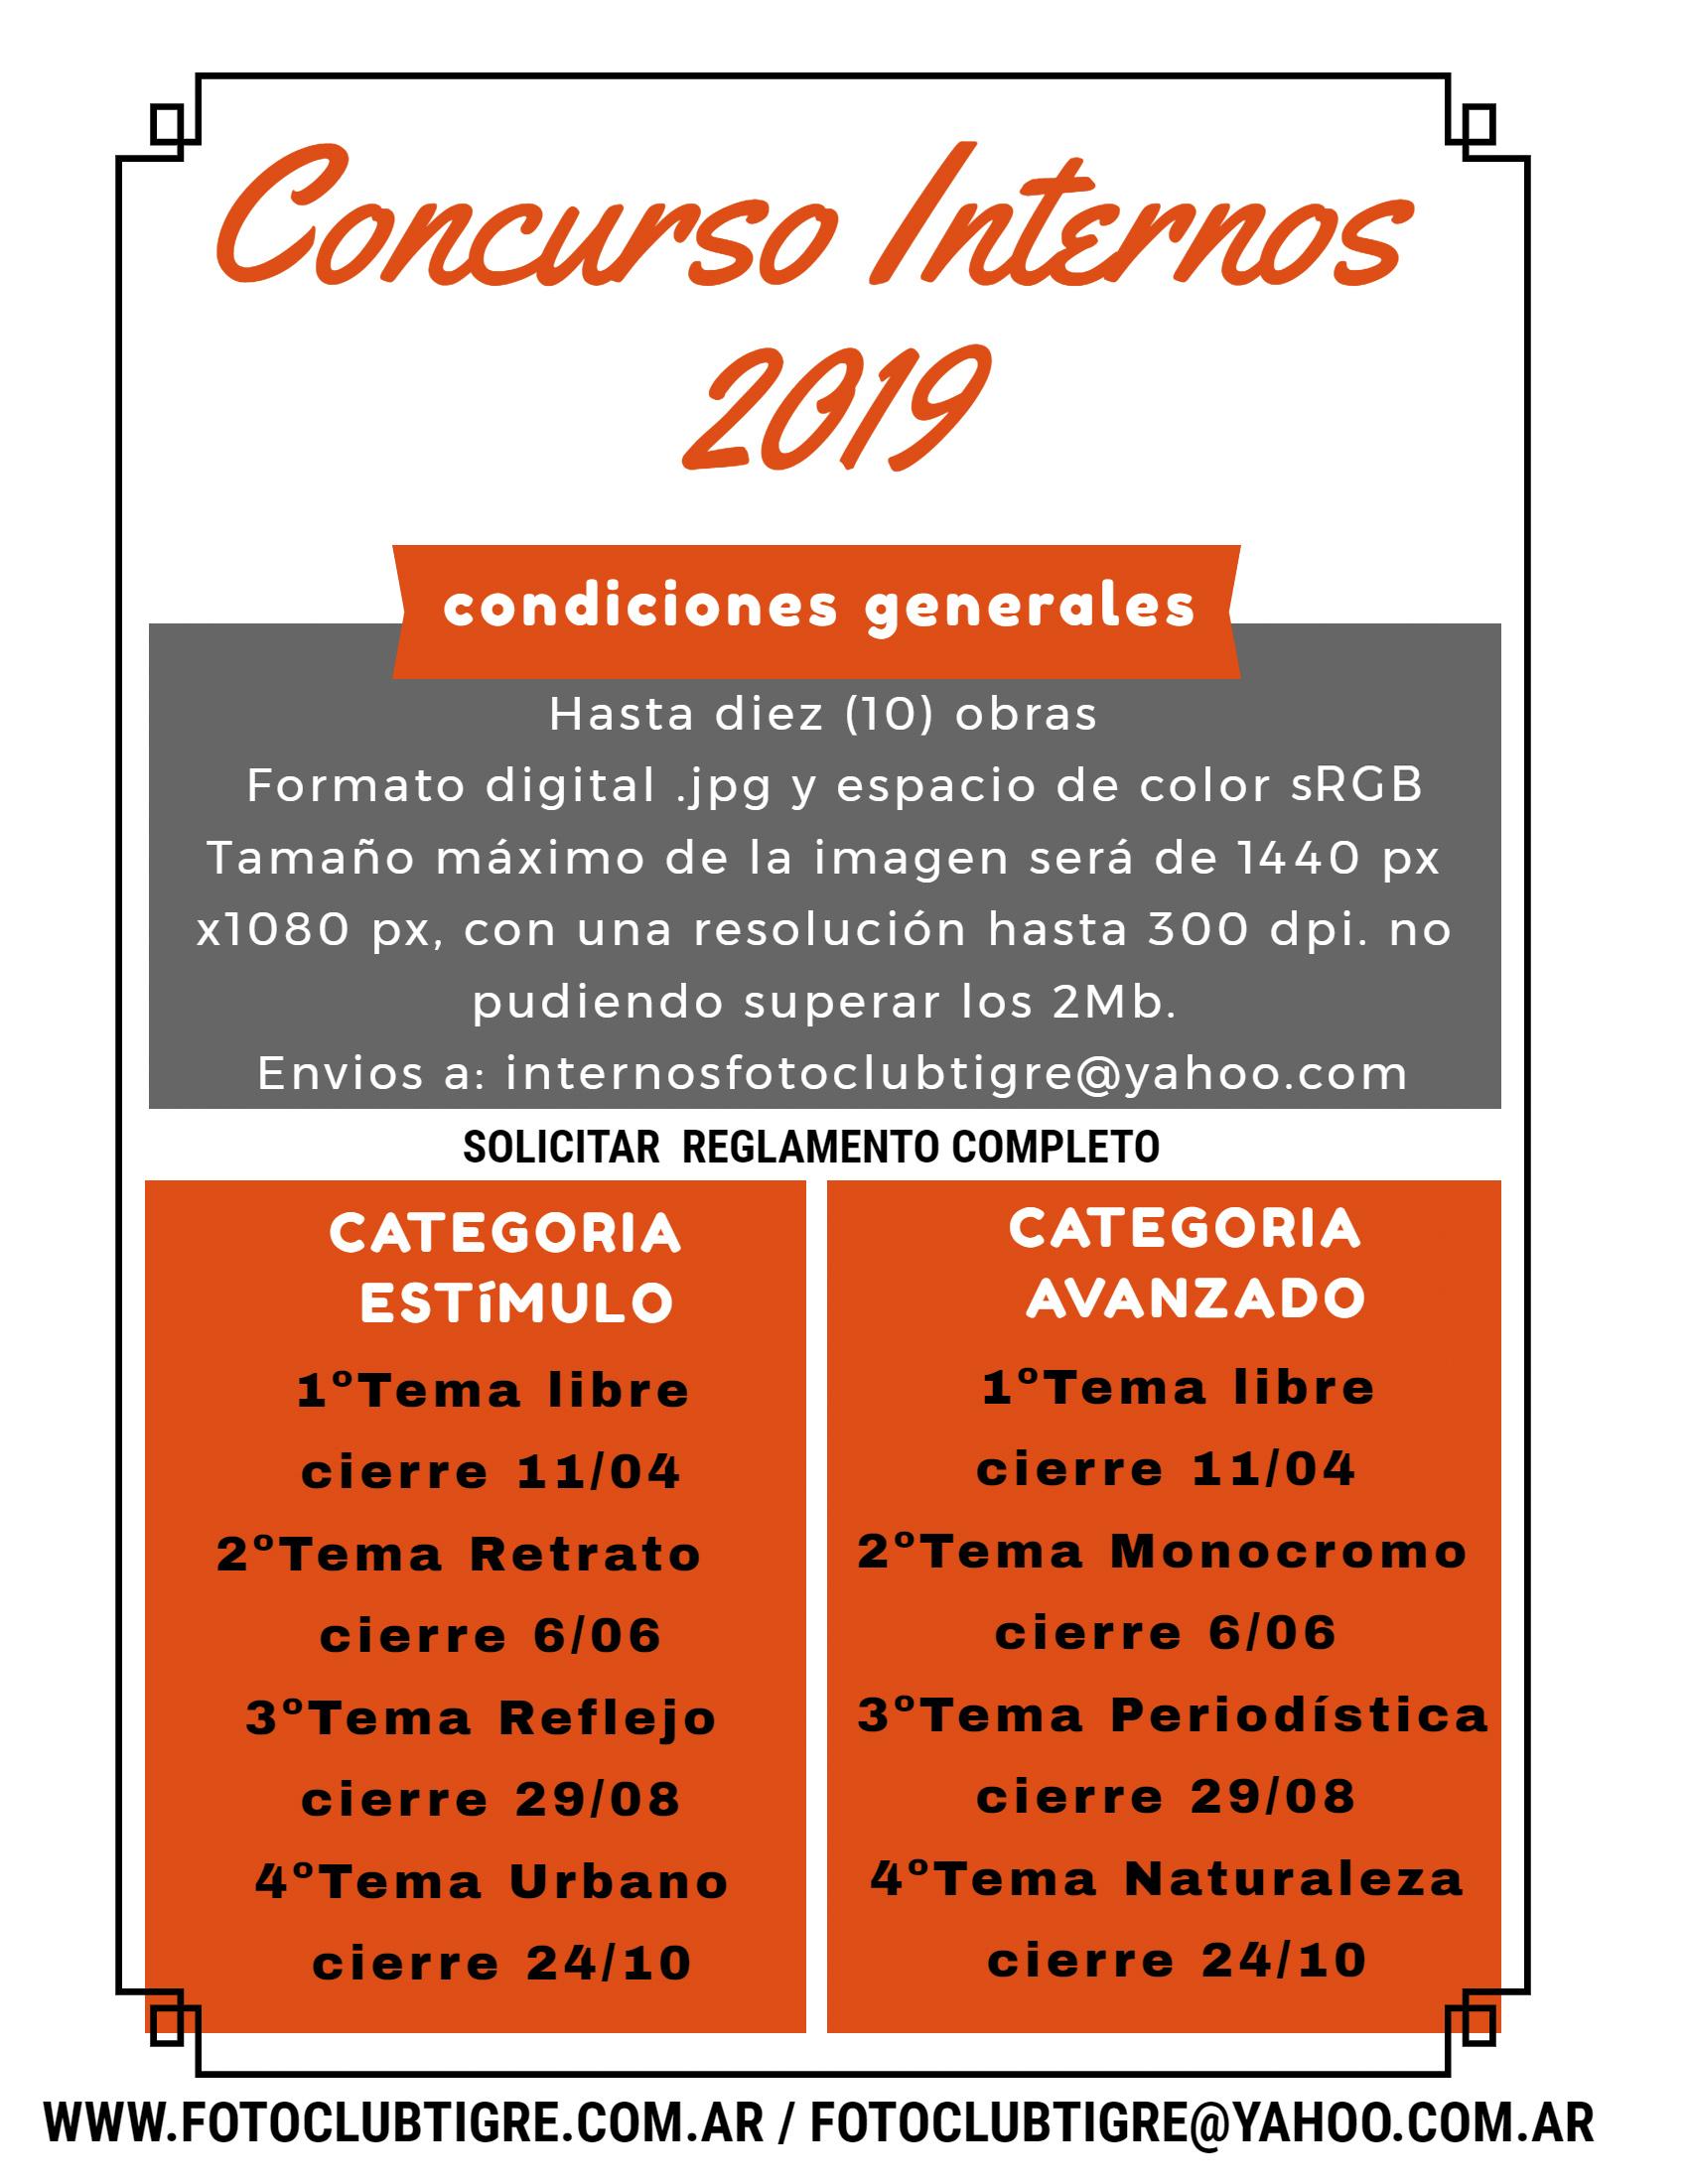 Concurso Internos 2019 - Cronograma, temas y reglamento..